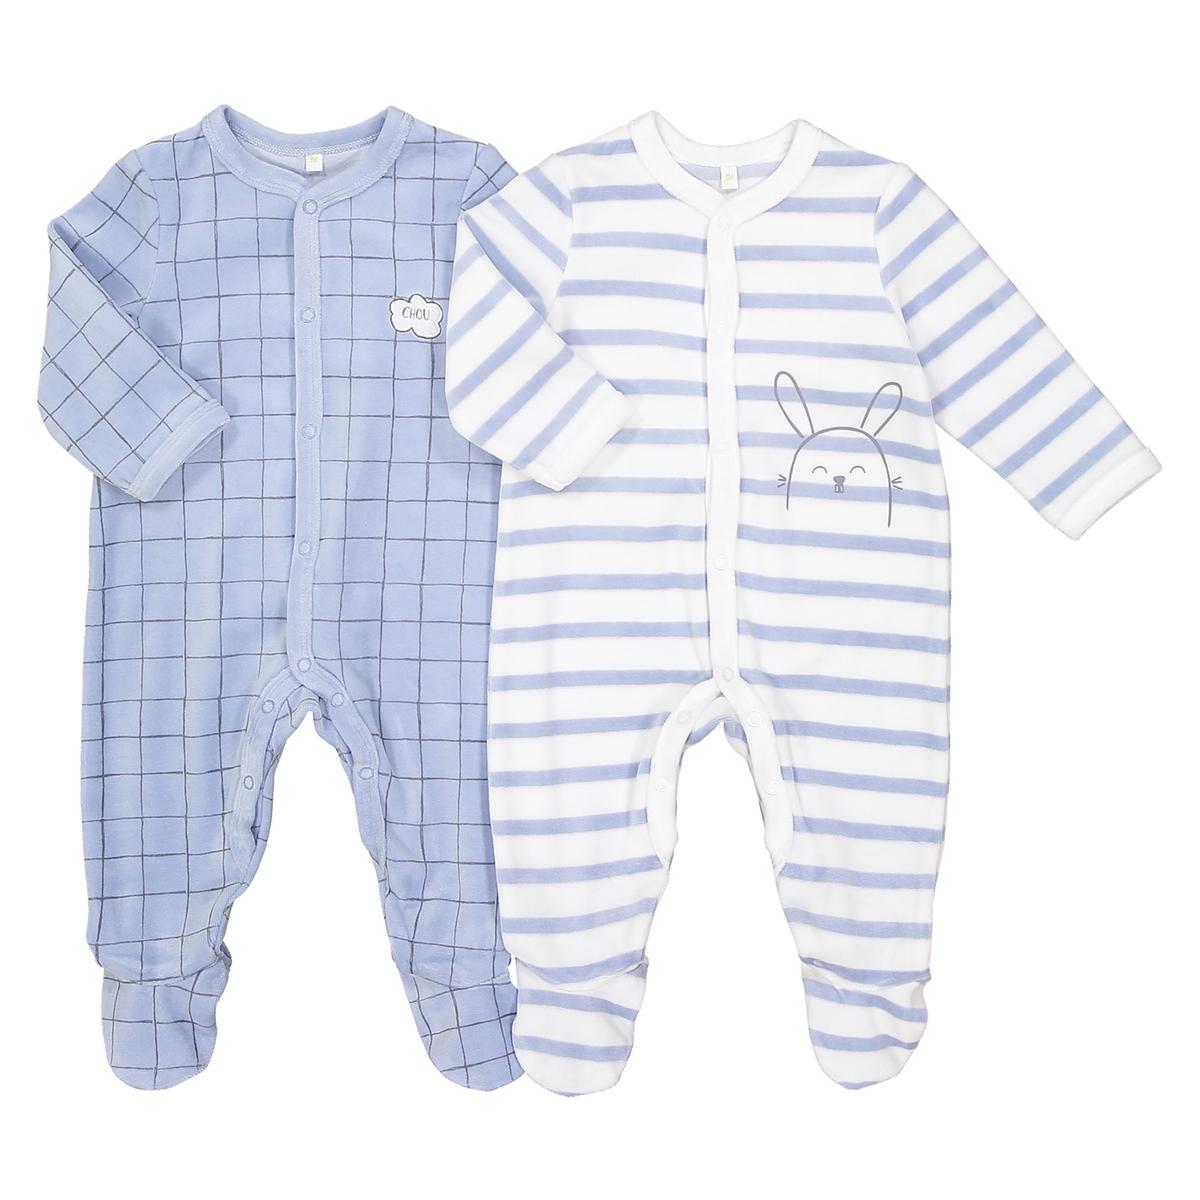 Комплект из 2 пижам с рисунком кролик, 0 мес. - 2 годаОписание:Комплект из 2 пижам. 2 красивые пижамы нежных цветов: 1 пижама в клетку, 1 пижама в полоску.Детали •  Комплект из 2 пижам с длинными рукавами и брючинами. •  1 пижама в полоску белого и синего цвета с набивным рисунком кролик.    •  1 пижама в полоску и мелкую клетку синего цвета с набивным рисунком.  •  Носки с противоскользящими элементами для размеров от 12 месяцев  (74 см).  •  Застежка на кнопки спереди. •  Круглый вырез.Состав и уход •  Материал : 75% хлопка, 25% полиэстера. •  Стирать при температуре 30° в деликатном режиме с вещами схожих цветов. •  Стирать и гладить с изнанки при низкой температуре. •  Машинная сушка запрещена.<br><br>Цвет: в полоску синий + белый<br>Размер: 3 мес. - 60 см.18 мес. - 81 см.6 мес. - 67 см.1 год - 74 см.рожденные раньше срока.1 мес. - 54 см